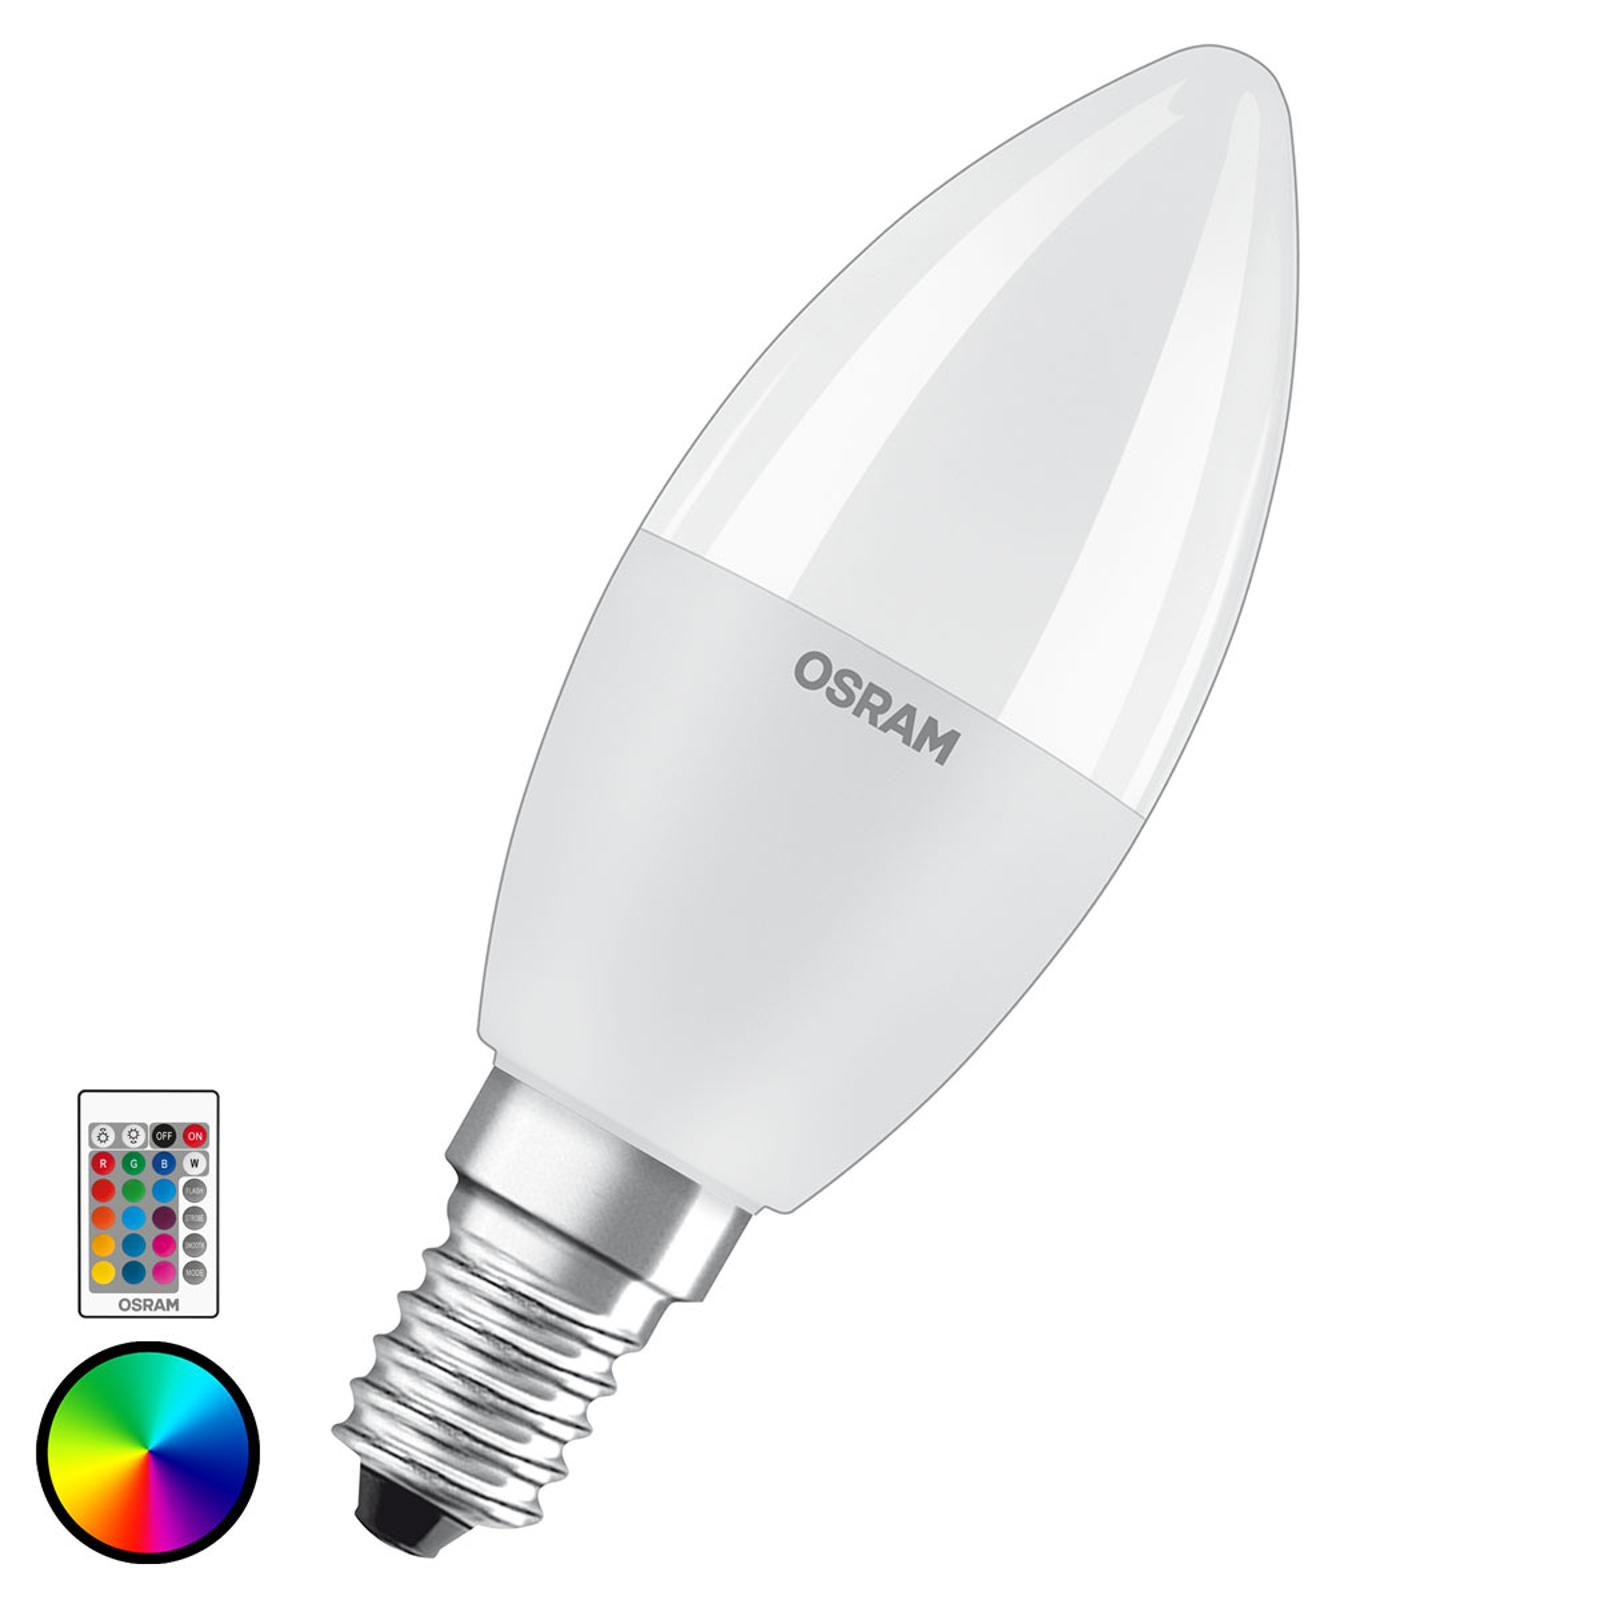 OSRAM żarówka LED E14 5,5W Star+ świeca matowa